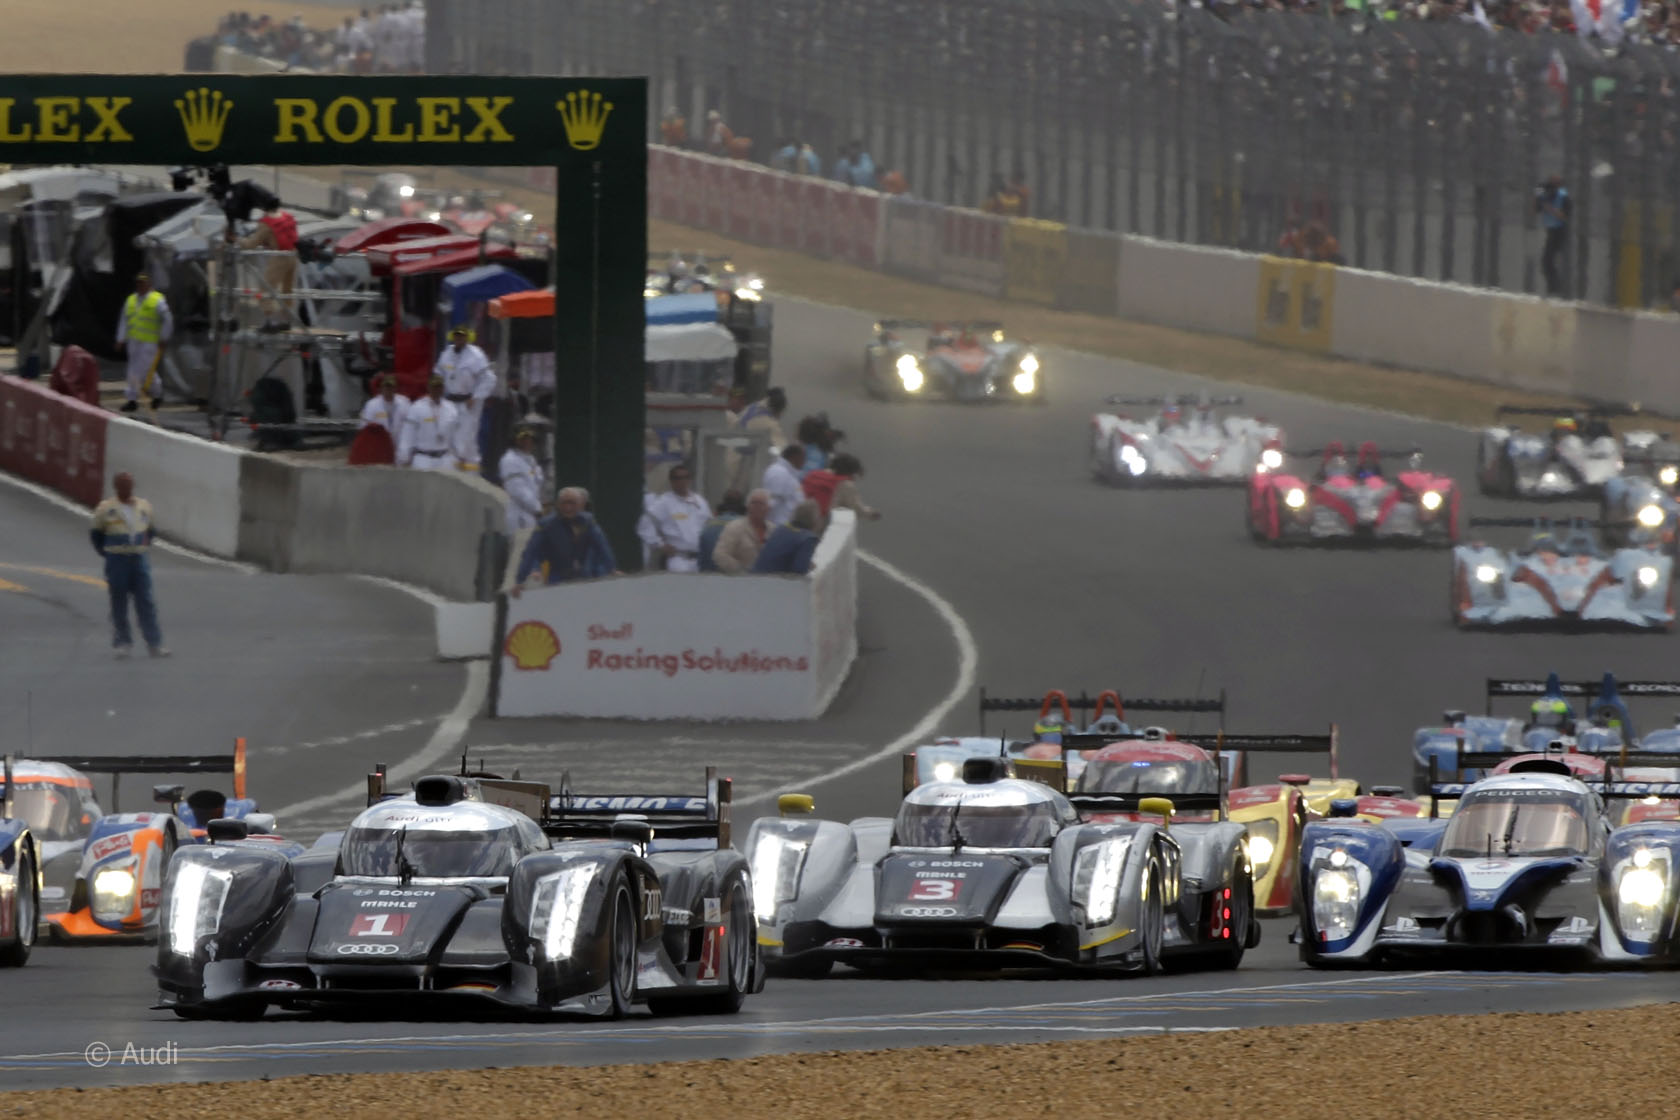 Se largan las 24 Horas de 2011 y el grupo de punta lo integran los Peugeot y los Audi. Entre estos últimos, aquí se ve a los números 1 y 3 que serían los que sufrirían tremendos accidentes raleando al grupo alemán y dejando al nº2 defendiendo los colores de la marca.